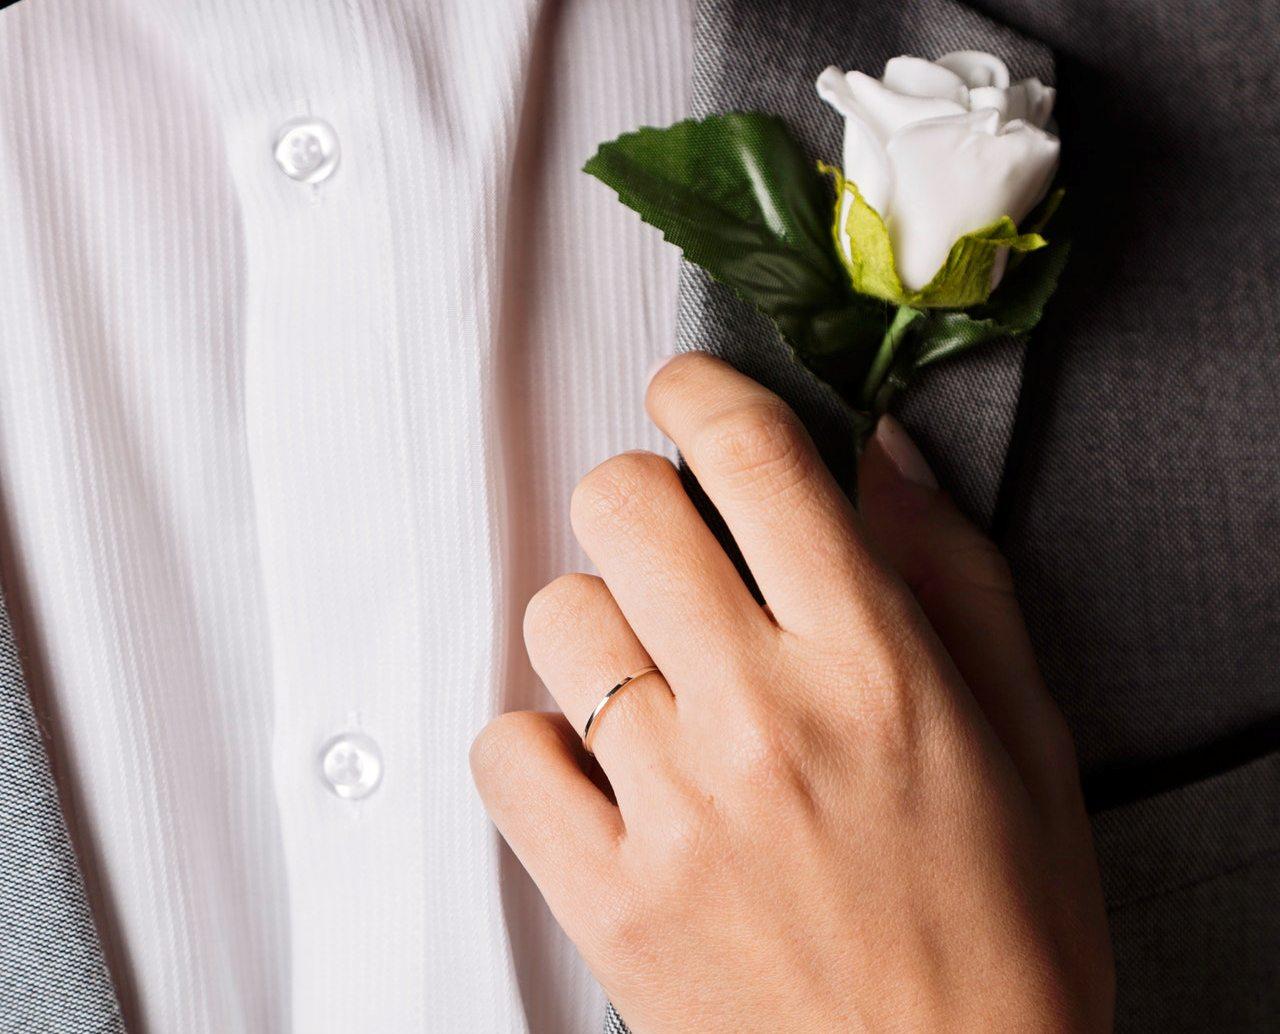 Organizarea-nuntii-creaza-unele-dintre-cele-mai-frumoase